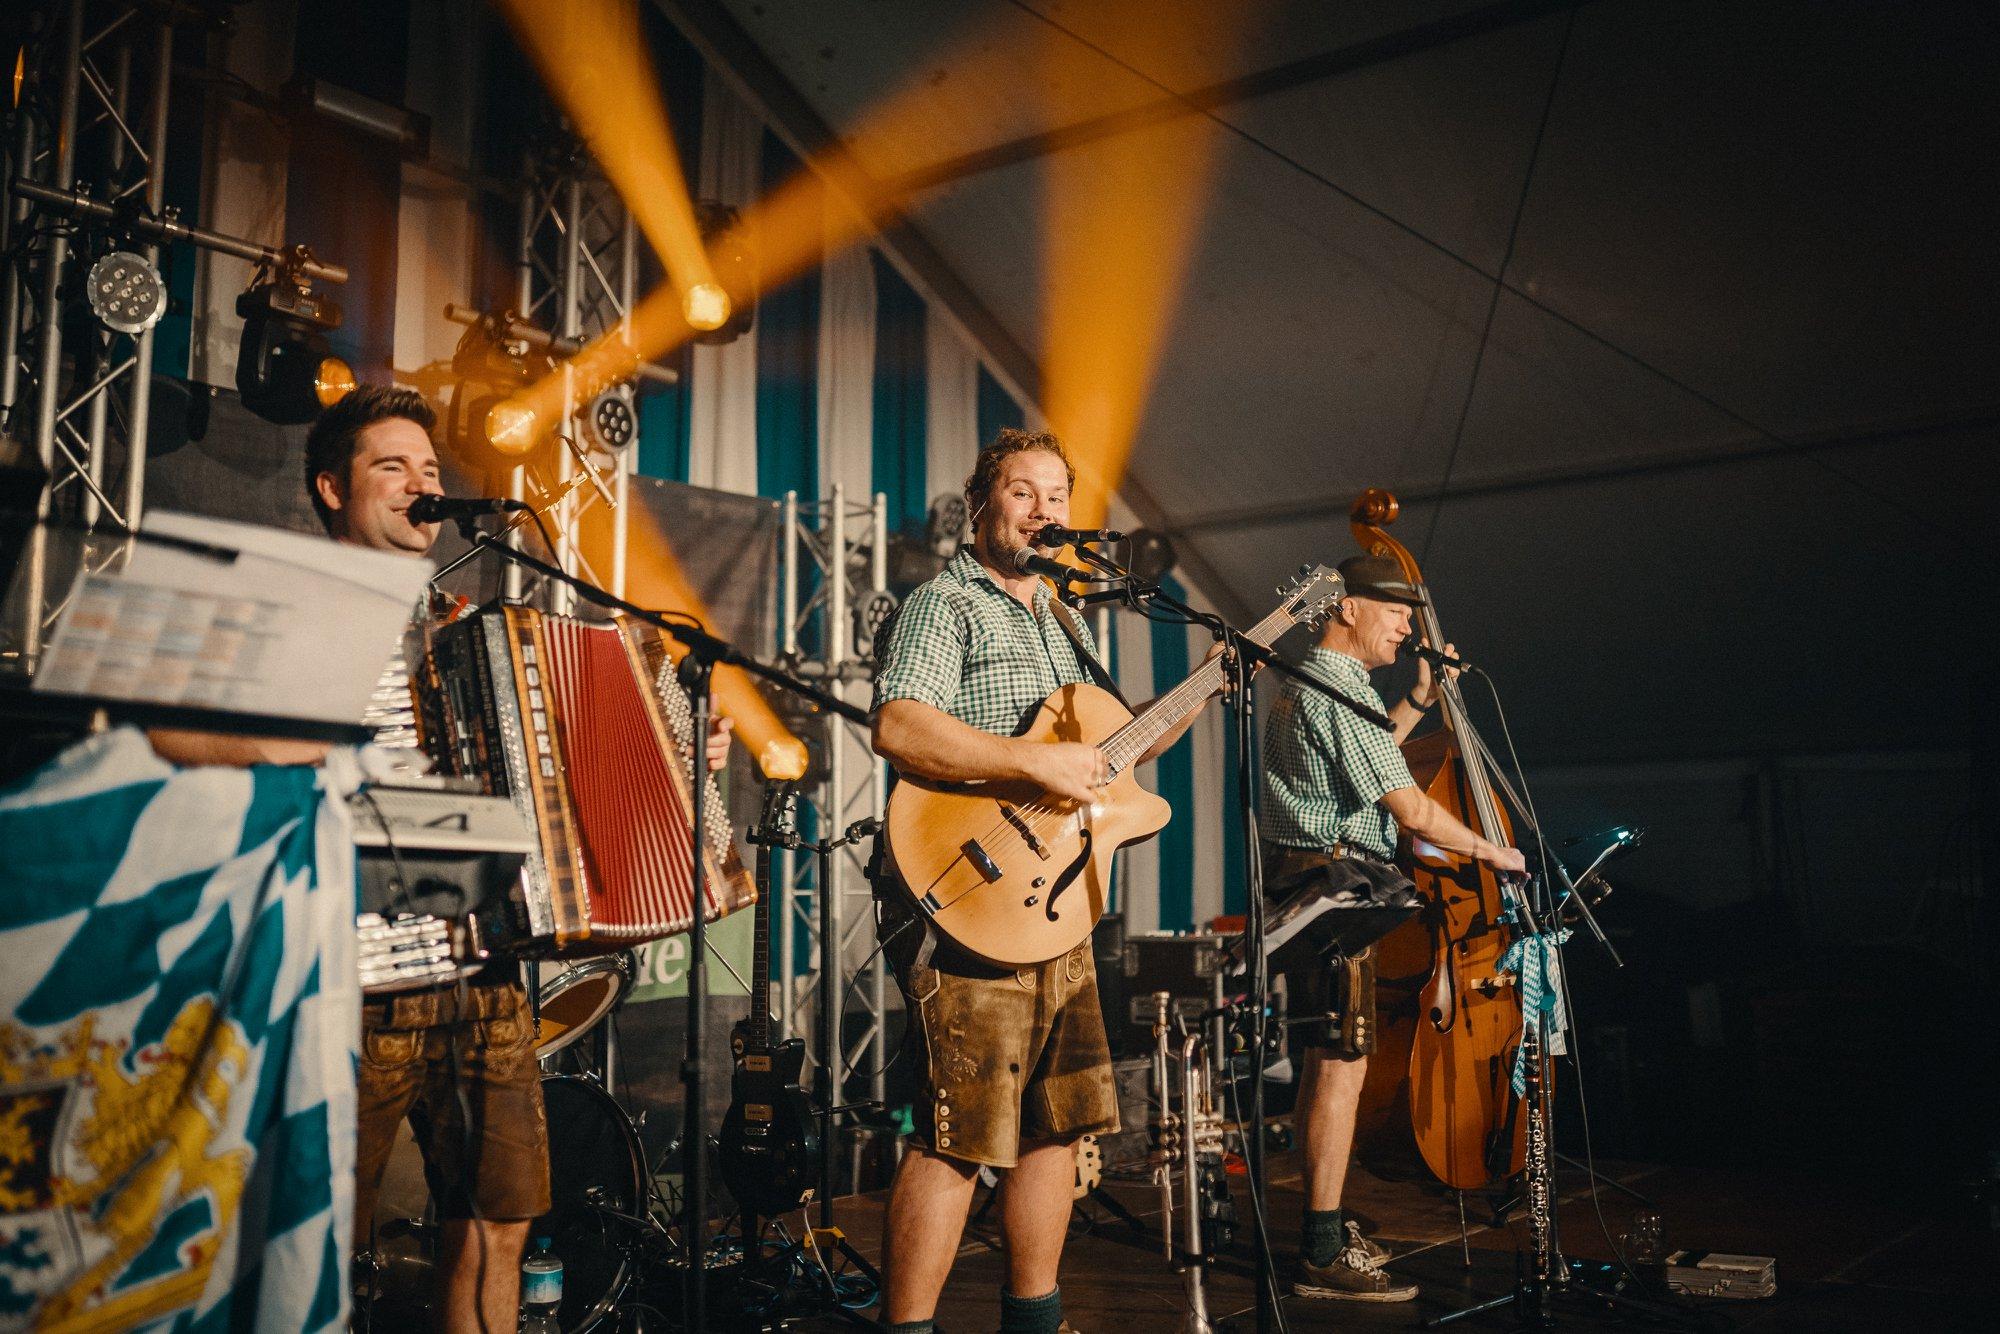 Musiker in München